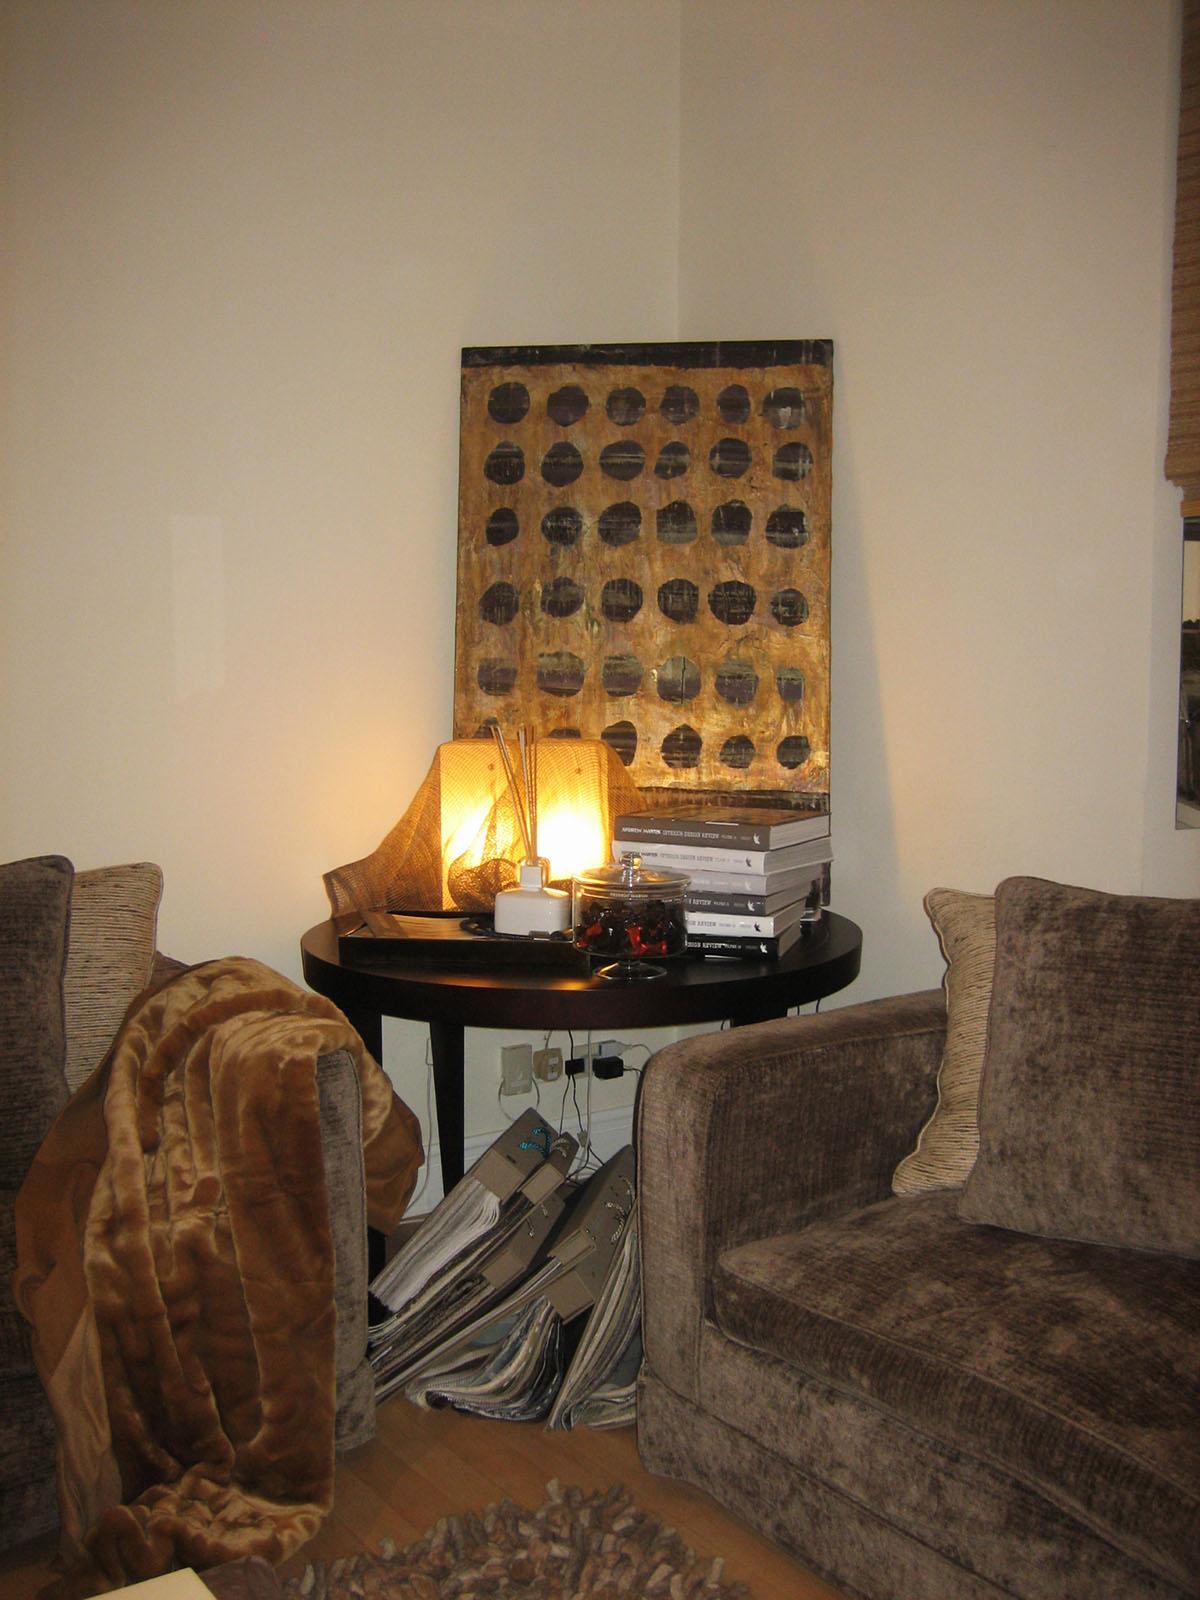 Quadri Holes 2013 Showroom Roma Tecnica mista. Colorazione con pigmenti. Foglia d'oro e foglia di rame.